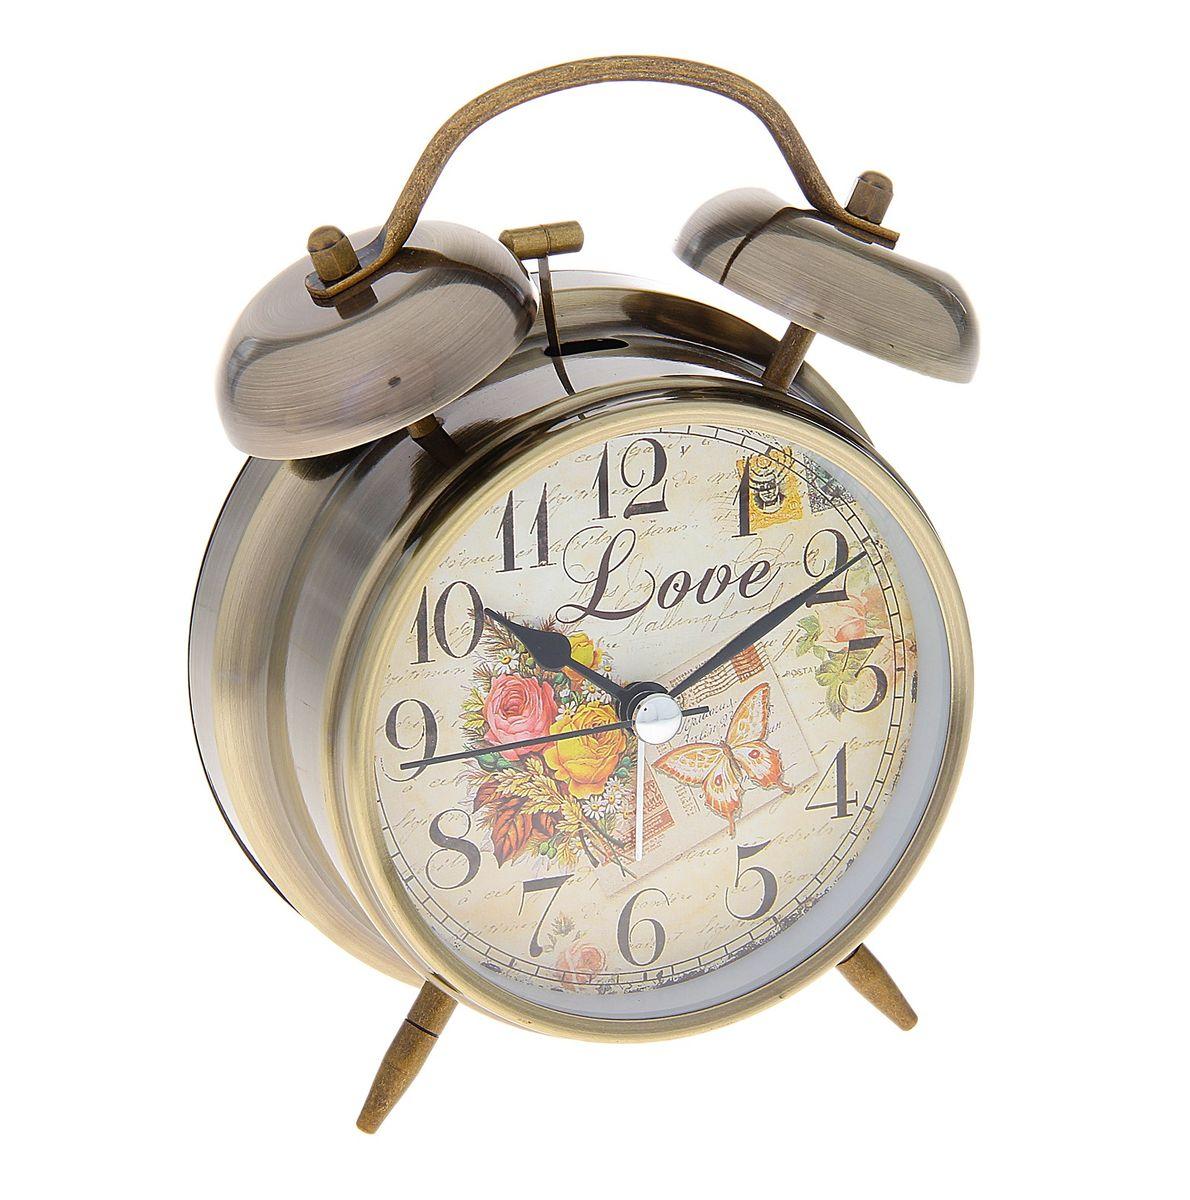 Часы-будильник Sima-land. 720859720859Как же сложно иногда вставать вовремя! Всегда так хочется поспать еще хотябы 5 минут ибывает,что мы просыпаем. Теперь этого не случится! Яркий, оригинальный будильникSima-land поможет вам всегдавставать в нужное время и успевать везде и всюду. Время показывает точно ибудит в установленный час. Будильник украсит вашу комнату и приведет ввосхищение друзей.На задней панели будильника расположеныпереключатель включения/выключения механизма и два колесика для настройки текущего времени и времени звонка будильника. Также будильник оснащен кнопкой, при нажатии и удержании которой, подсвечивается циферблат. Будильник работает от 2 батареек типа AA напряжением 1,5V (не входят вкомплект).